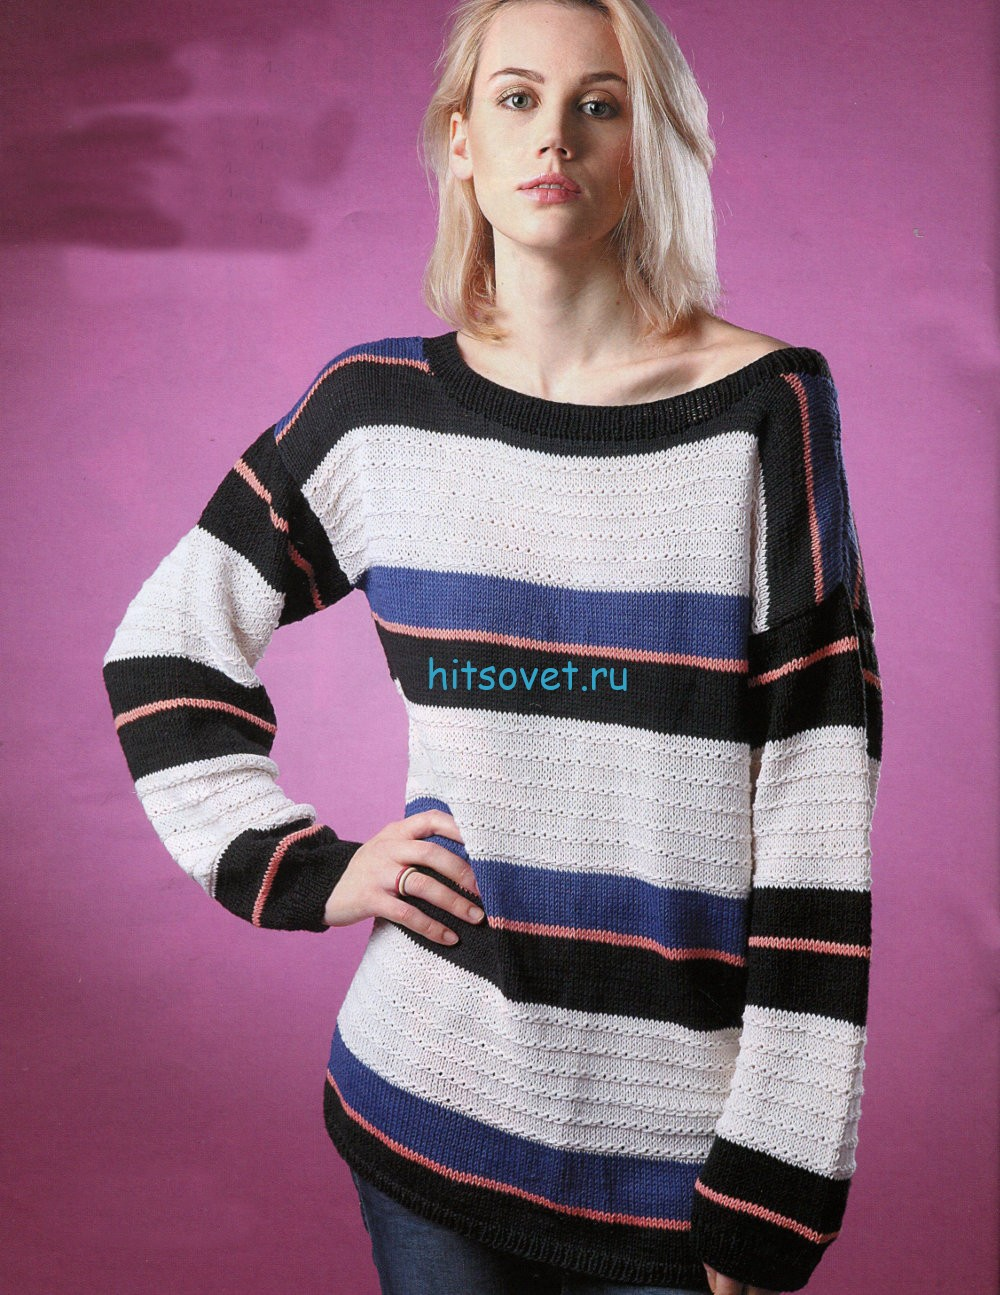 Вязание пуловера в полоску для женщин